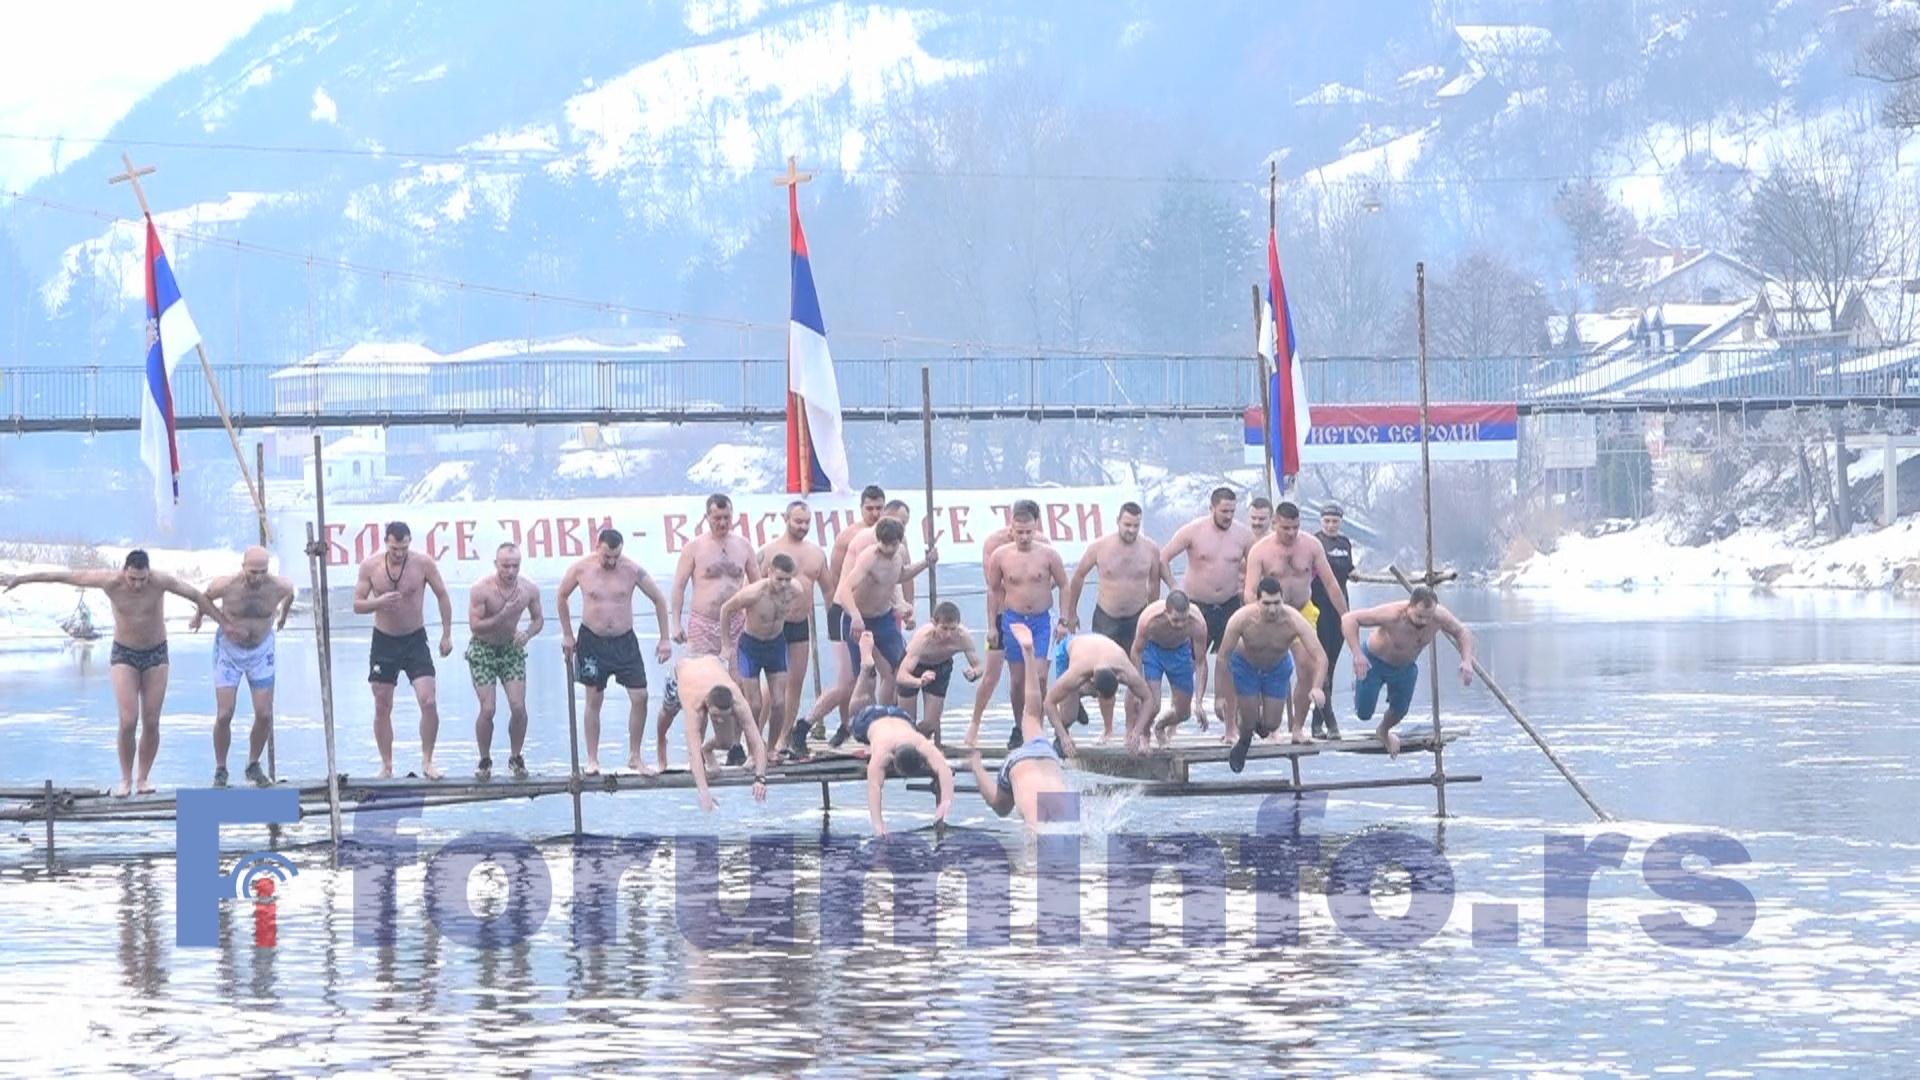 Без пливања за часни крст у Пријепољу због неповољне епидемиолошке ситуације